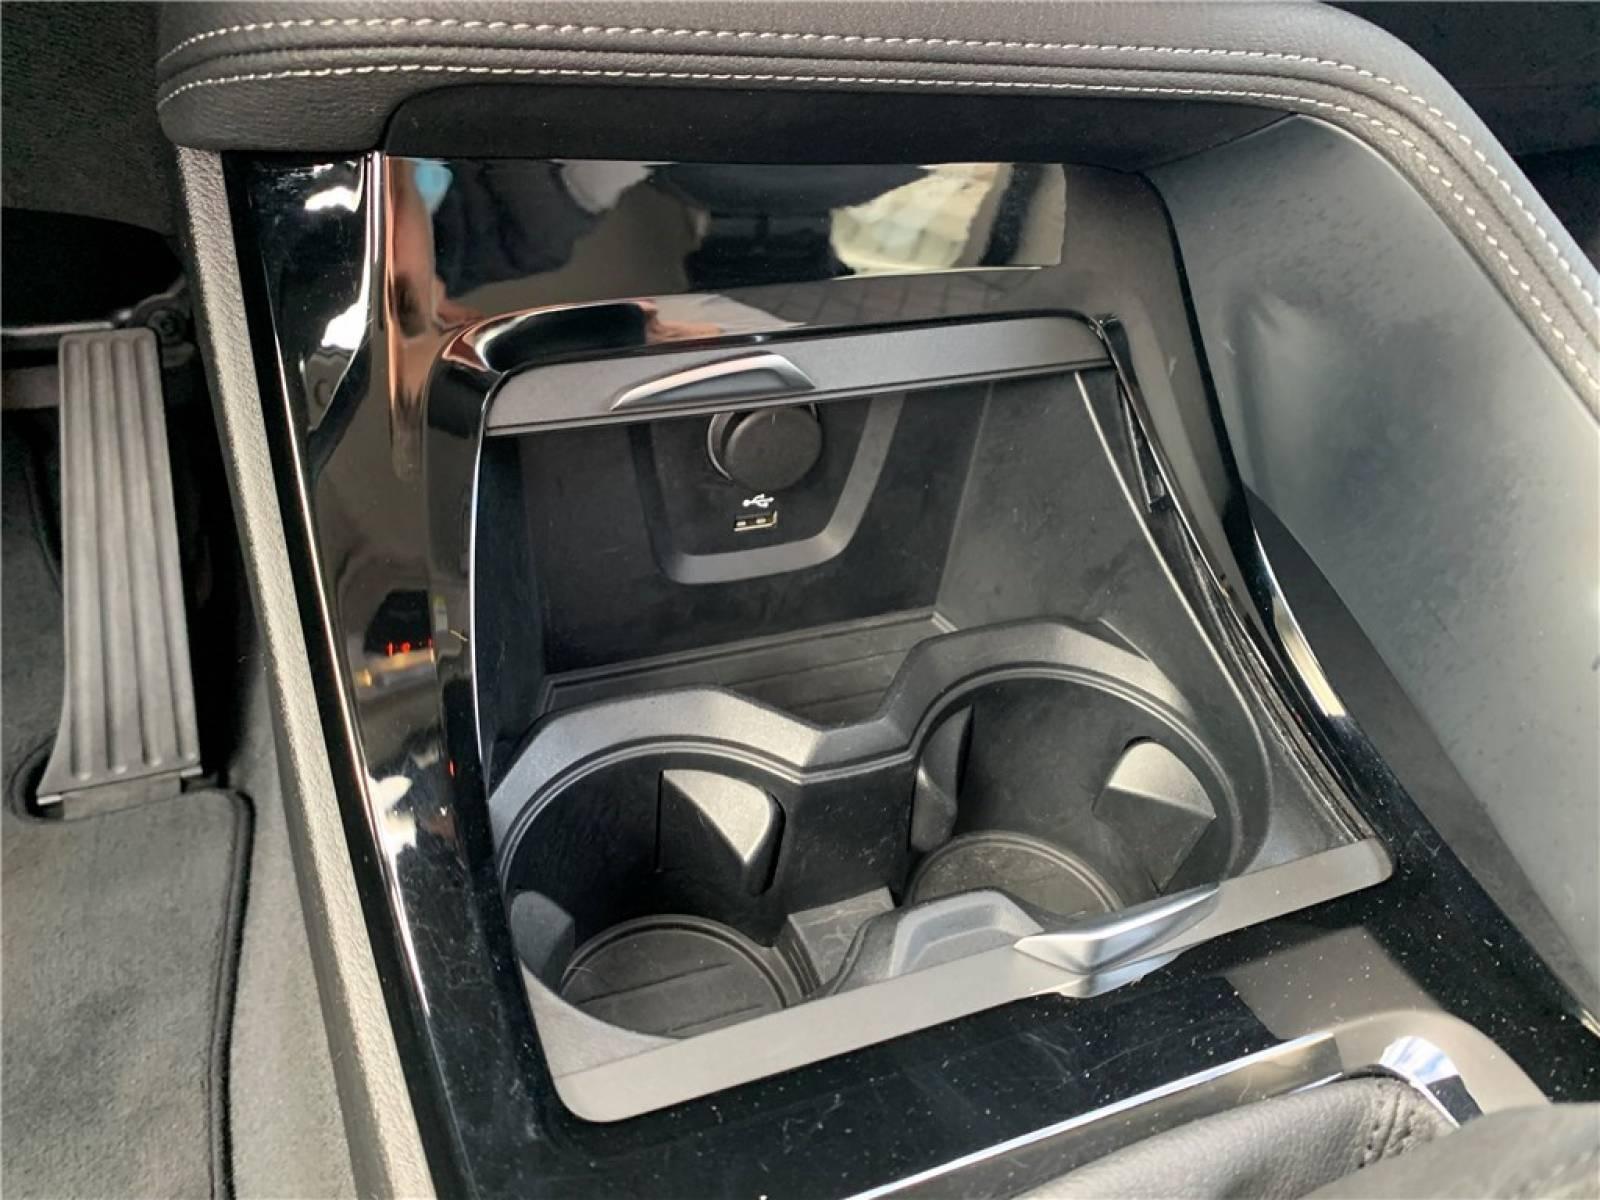 BMW X1 sDrive 18d 150 ch - véhicule d'occasion - Groupe Guillet - Hyundai - Zenith Motors – Montceau-les-Mines - 71300 - Montceau-les-Mines - 29